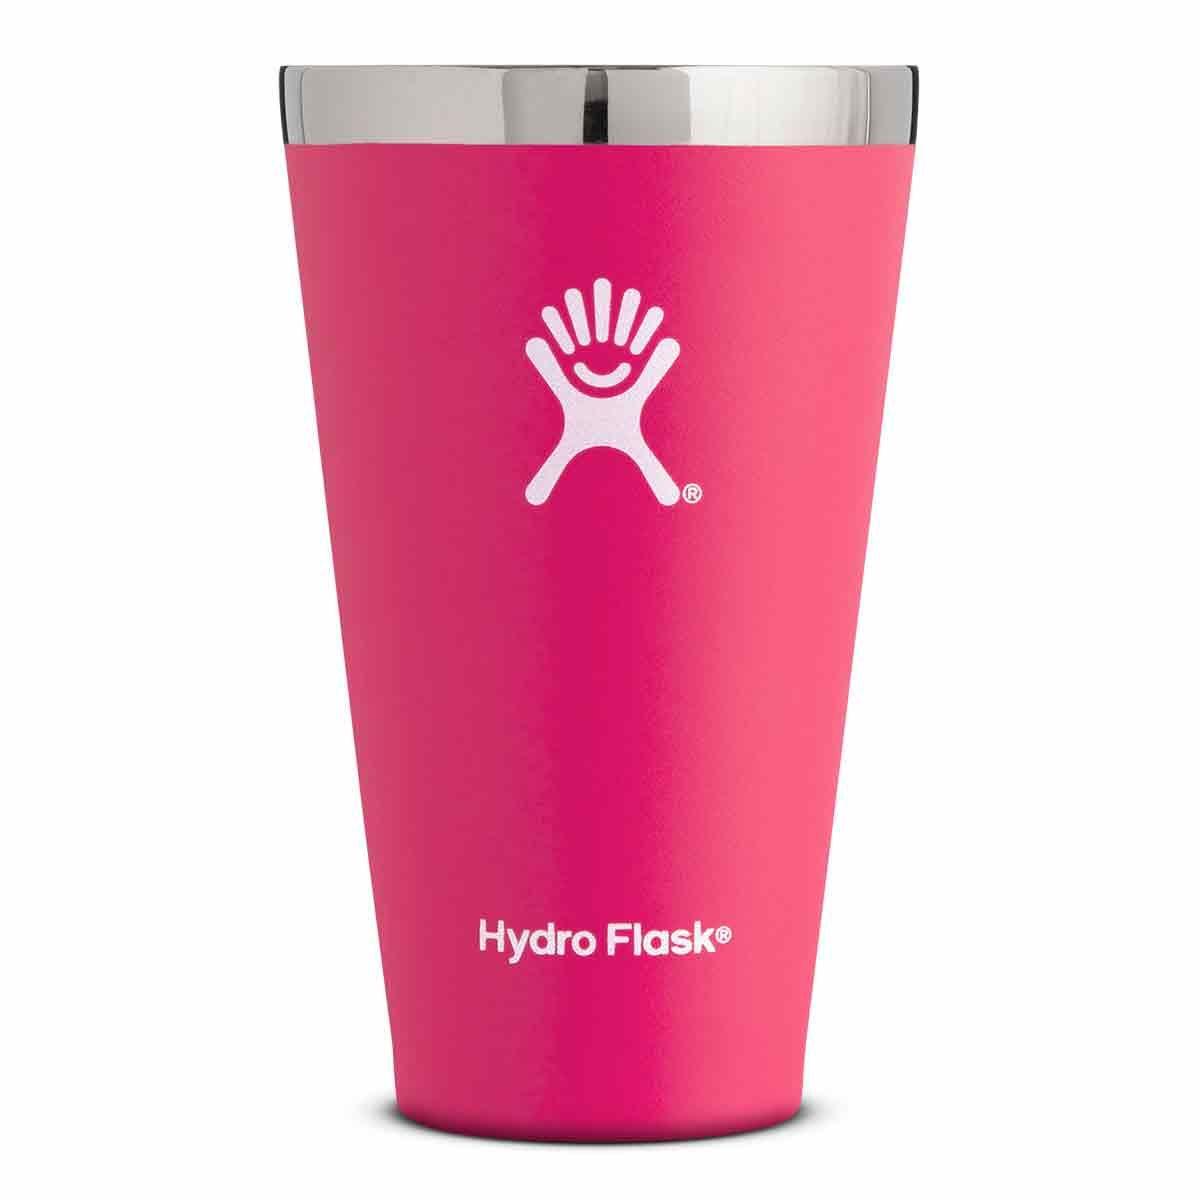 Hydro Flask 16 Oz. True Pint